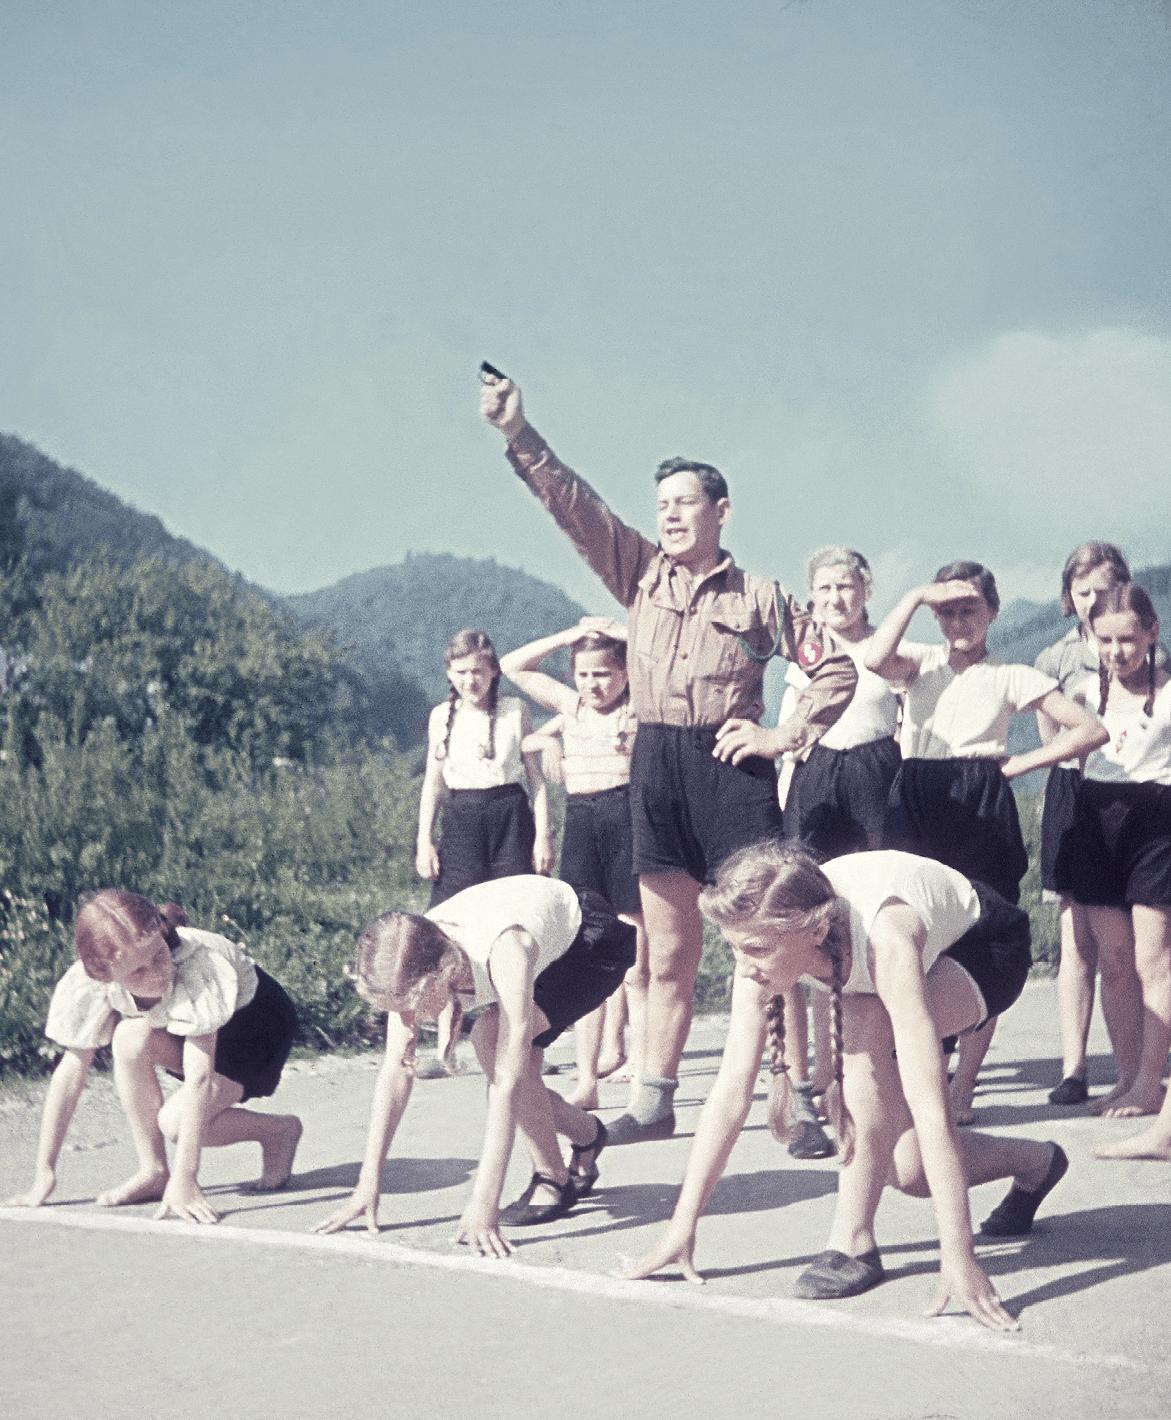 Course de la « Ligue des jeunes filles allemandes », 1940, photographie anonyme